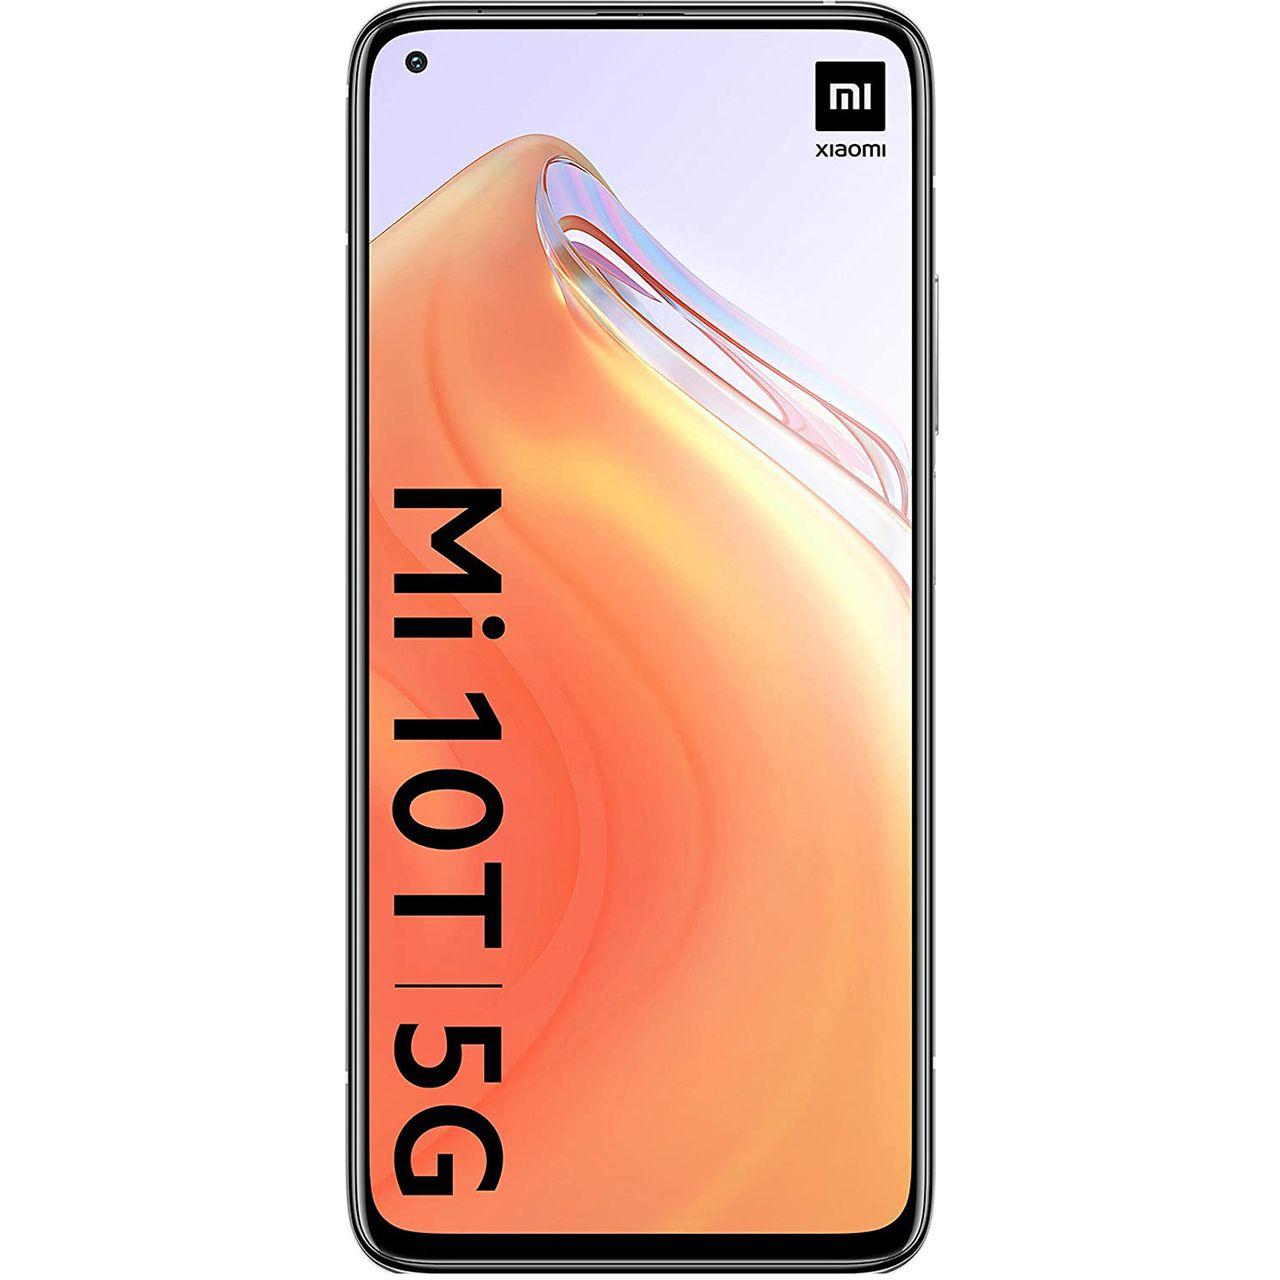 گوشی موبایل شیائومی مدل Mi 10T 5G M2007J3SY دو سیم کارت ظرفیت ۱۲۸ گیگابایت و رم ۶ گیگابایت